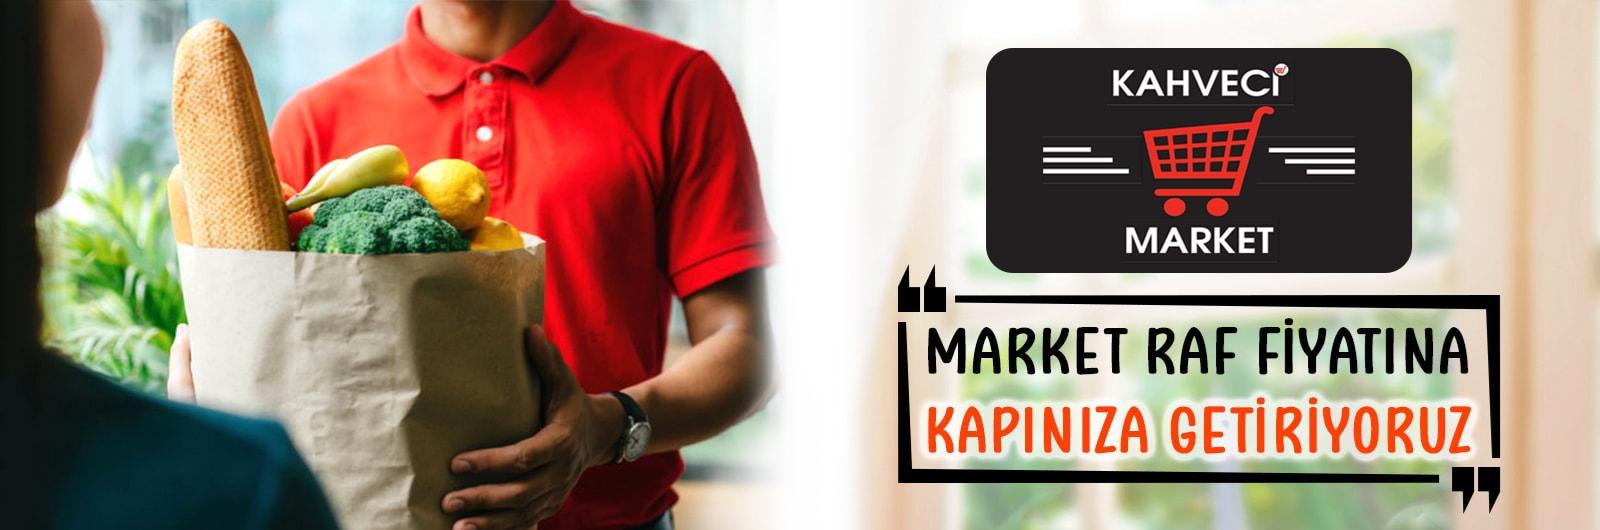 Ankara Kahveci Market Online Market Alışverişi